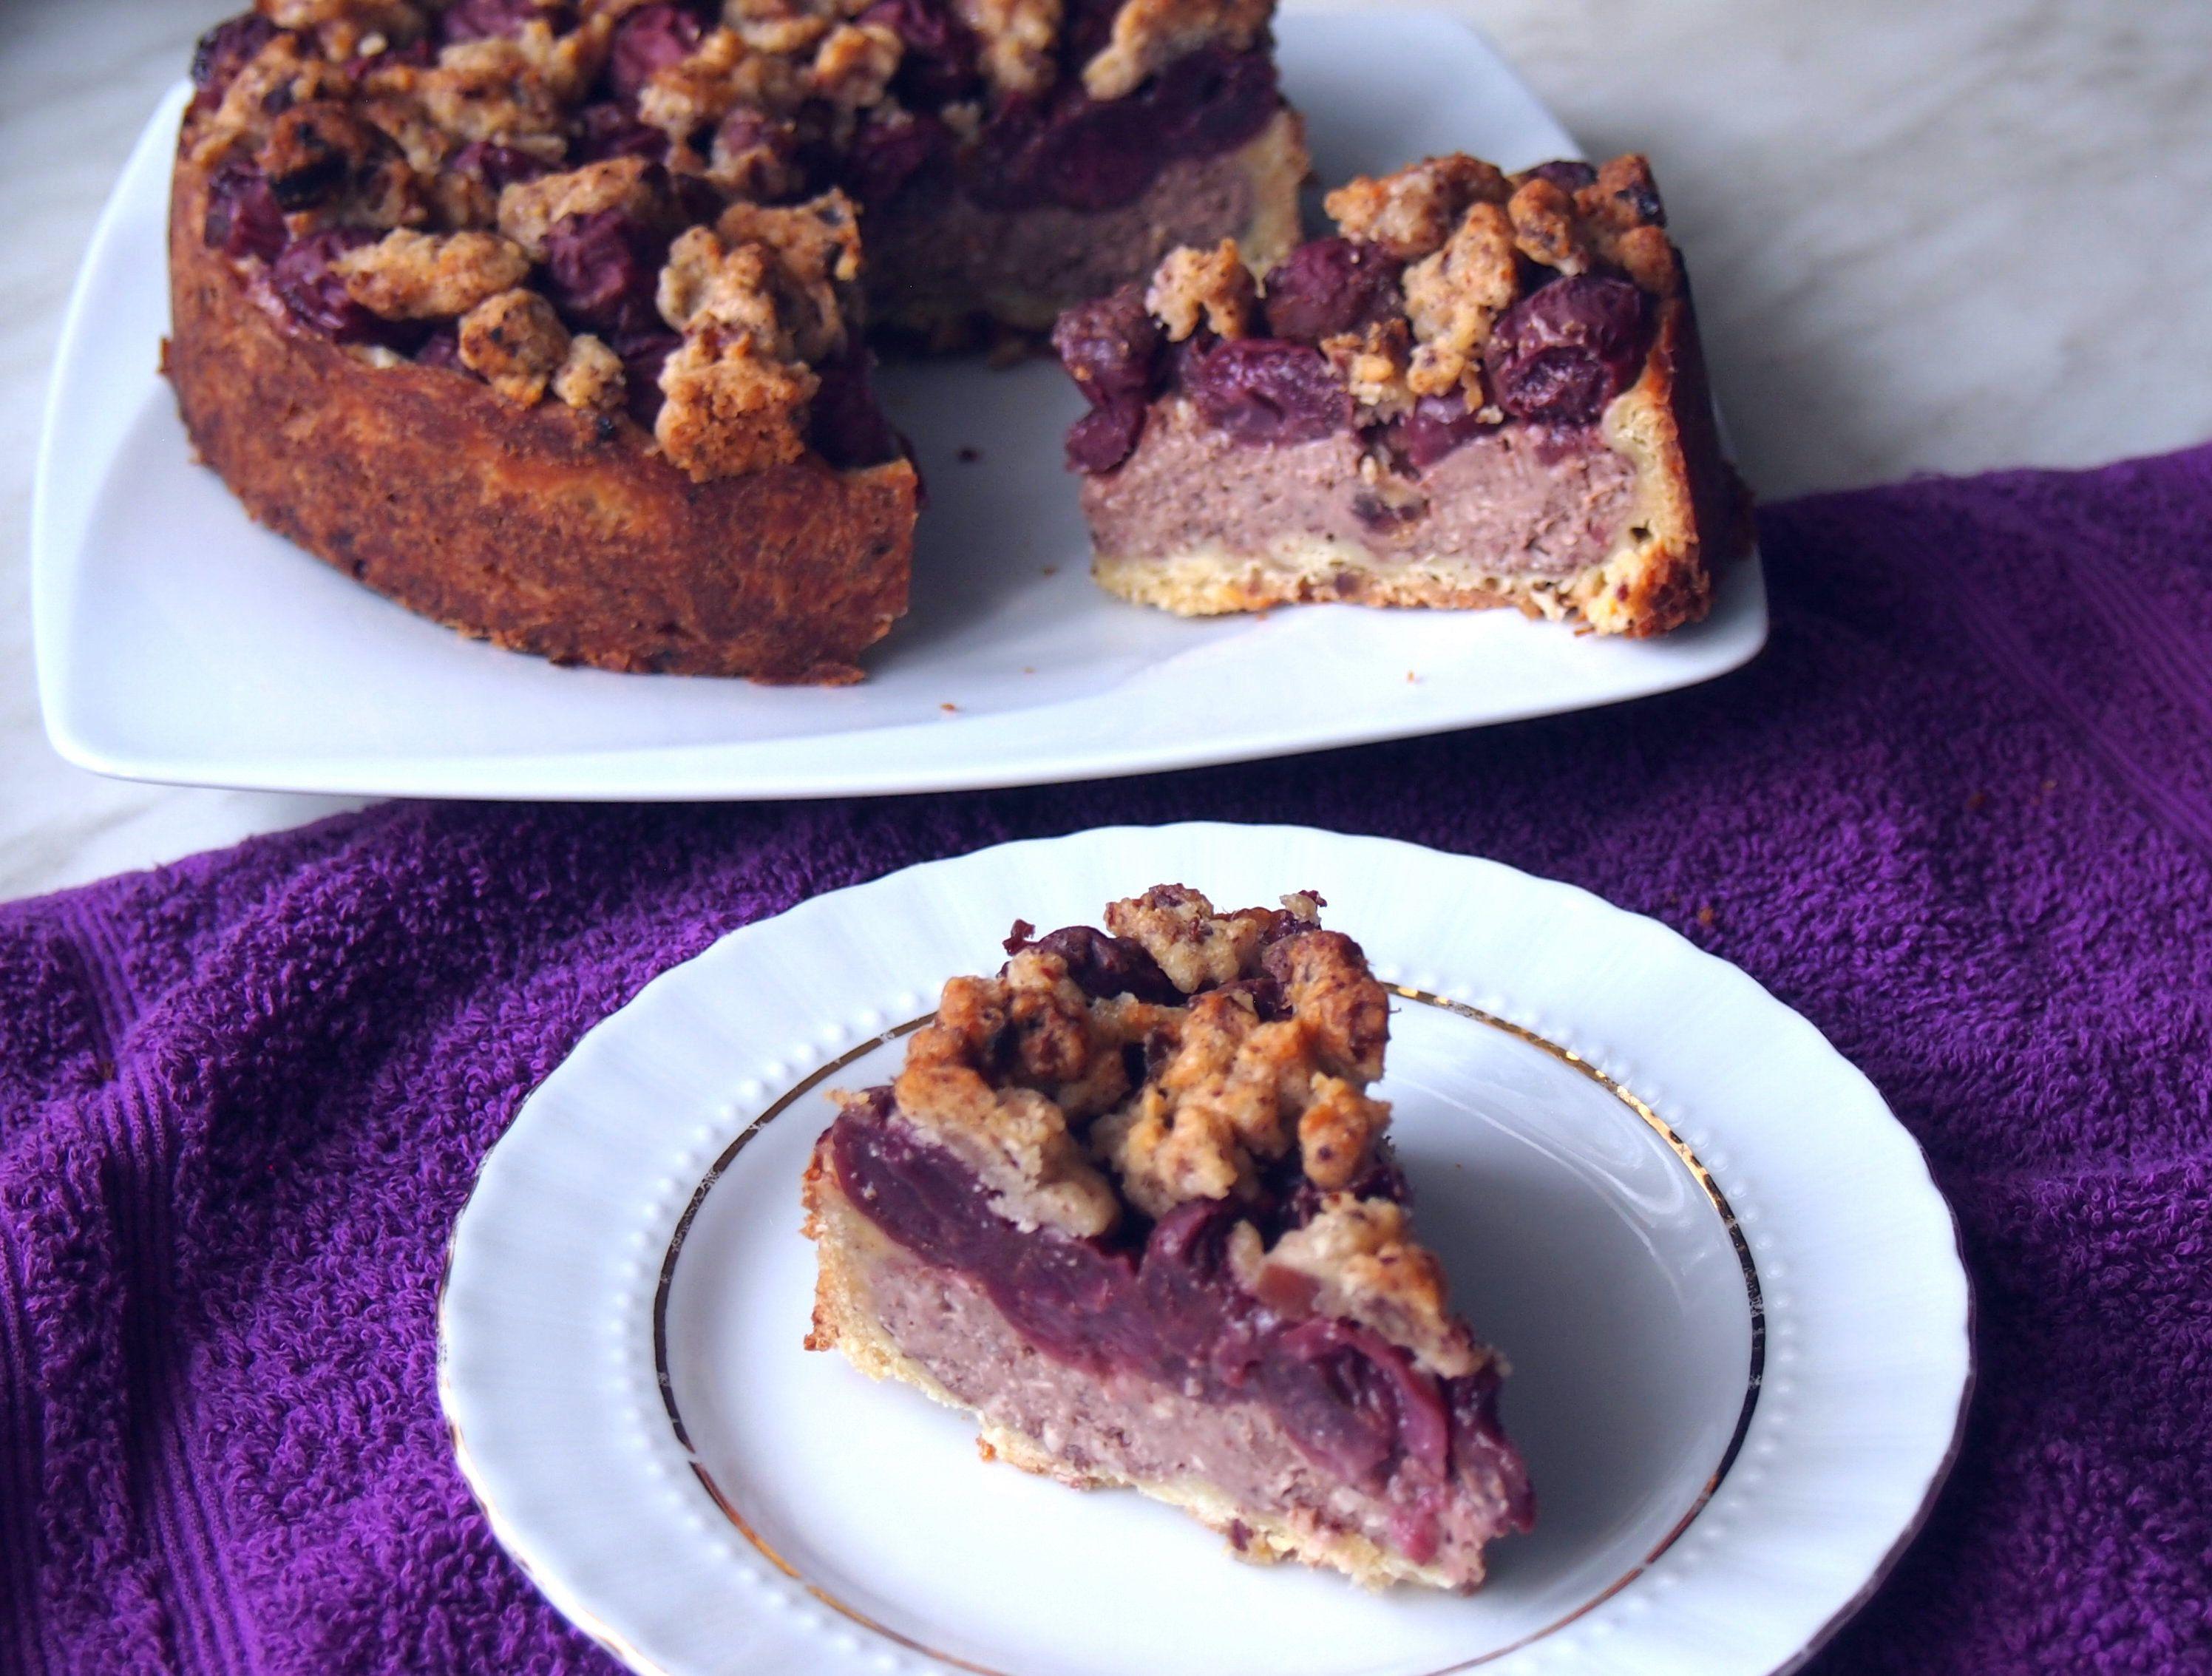 Kirschkuchen Mit Schoko Nuss Pudding Rezept Kirschkuchen Kuchen Lebensmittel Essen